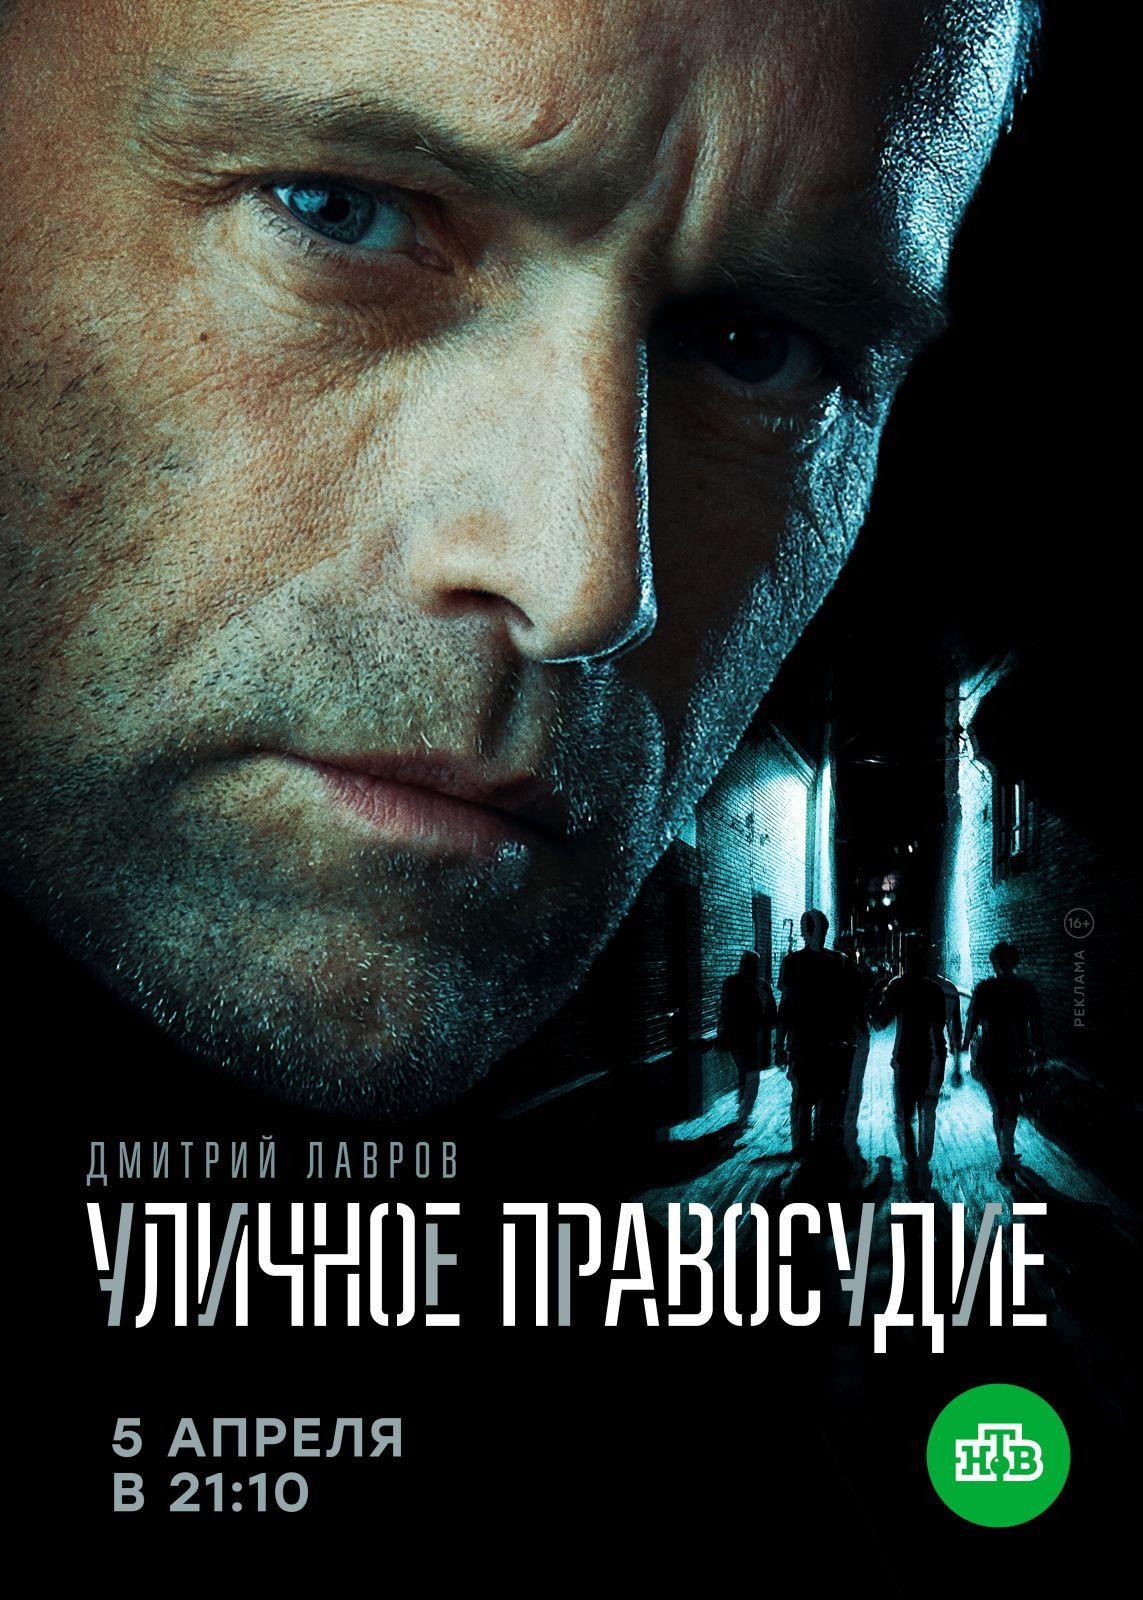 В апреле выйдет адаптация израильского сериала «Уличное правосудие» с Дмитрием Лавровым